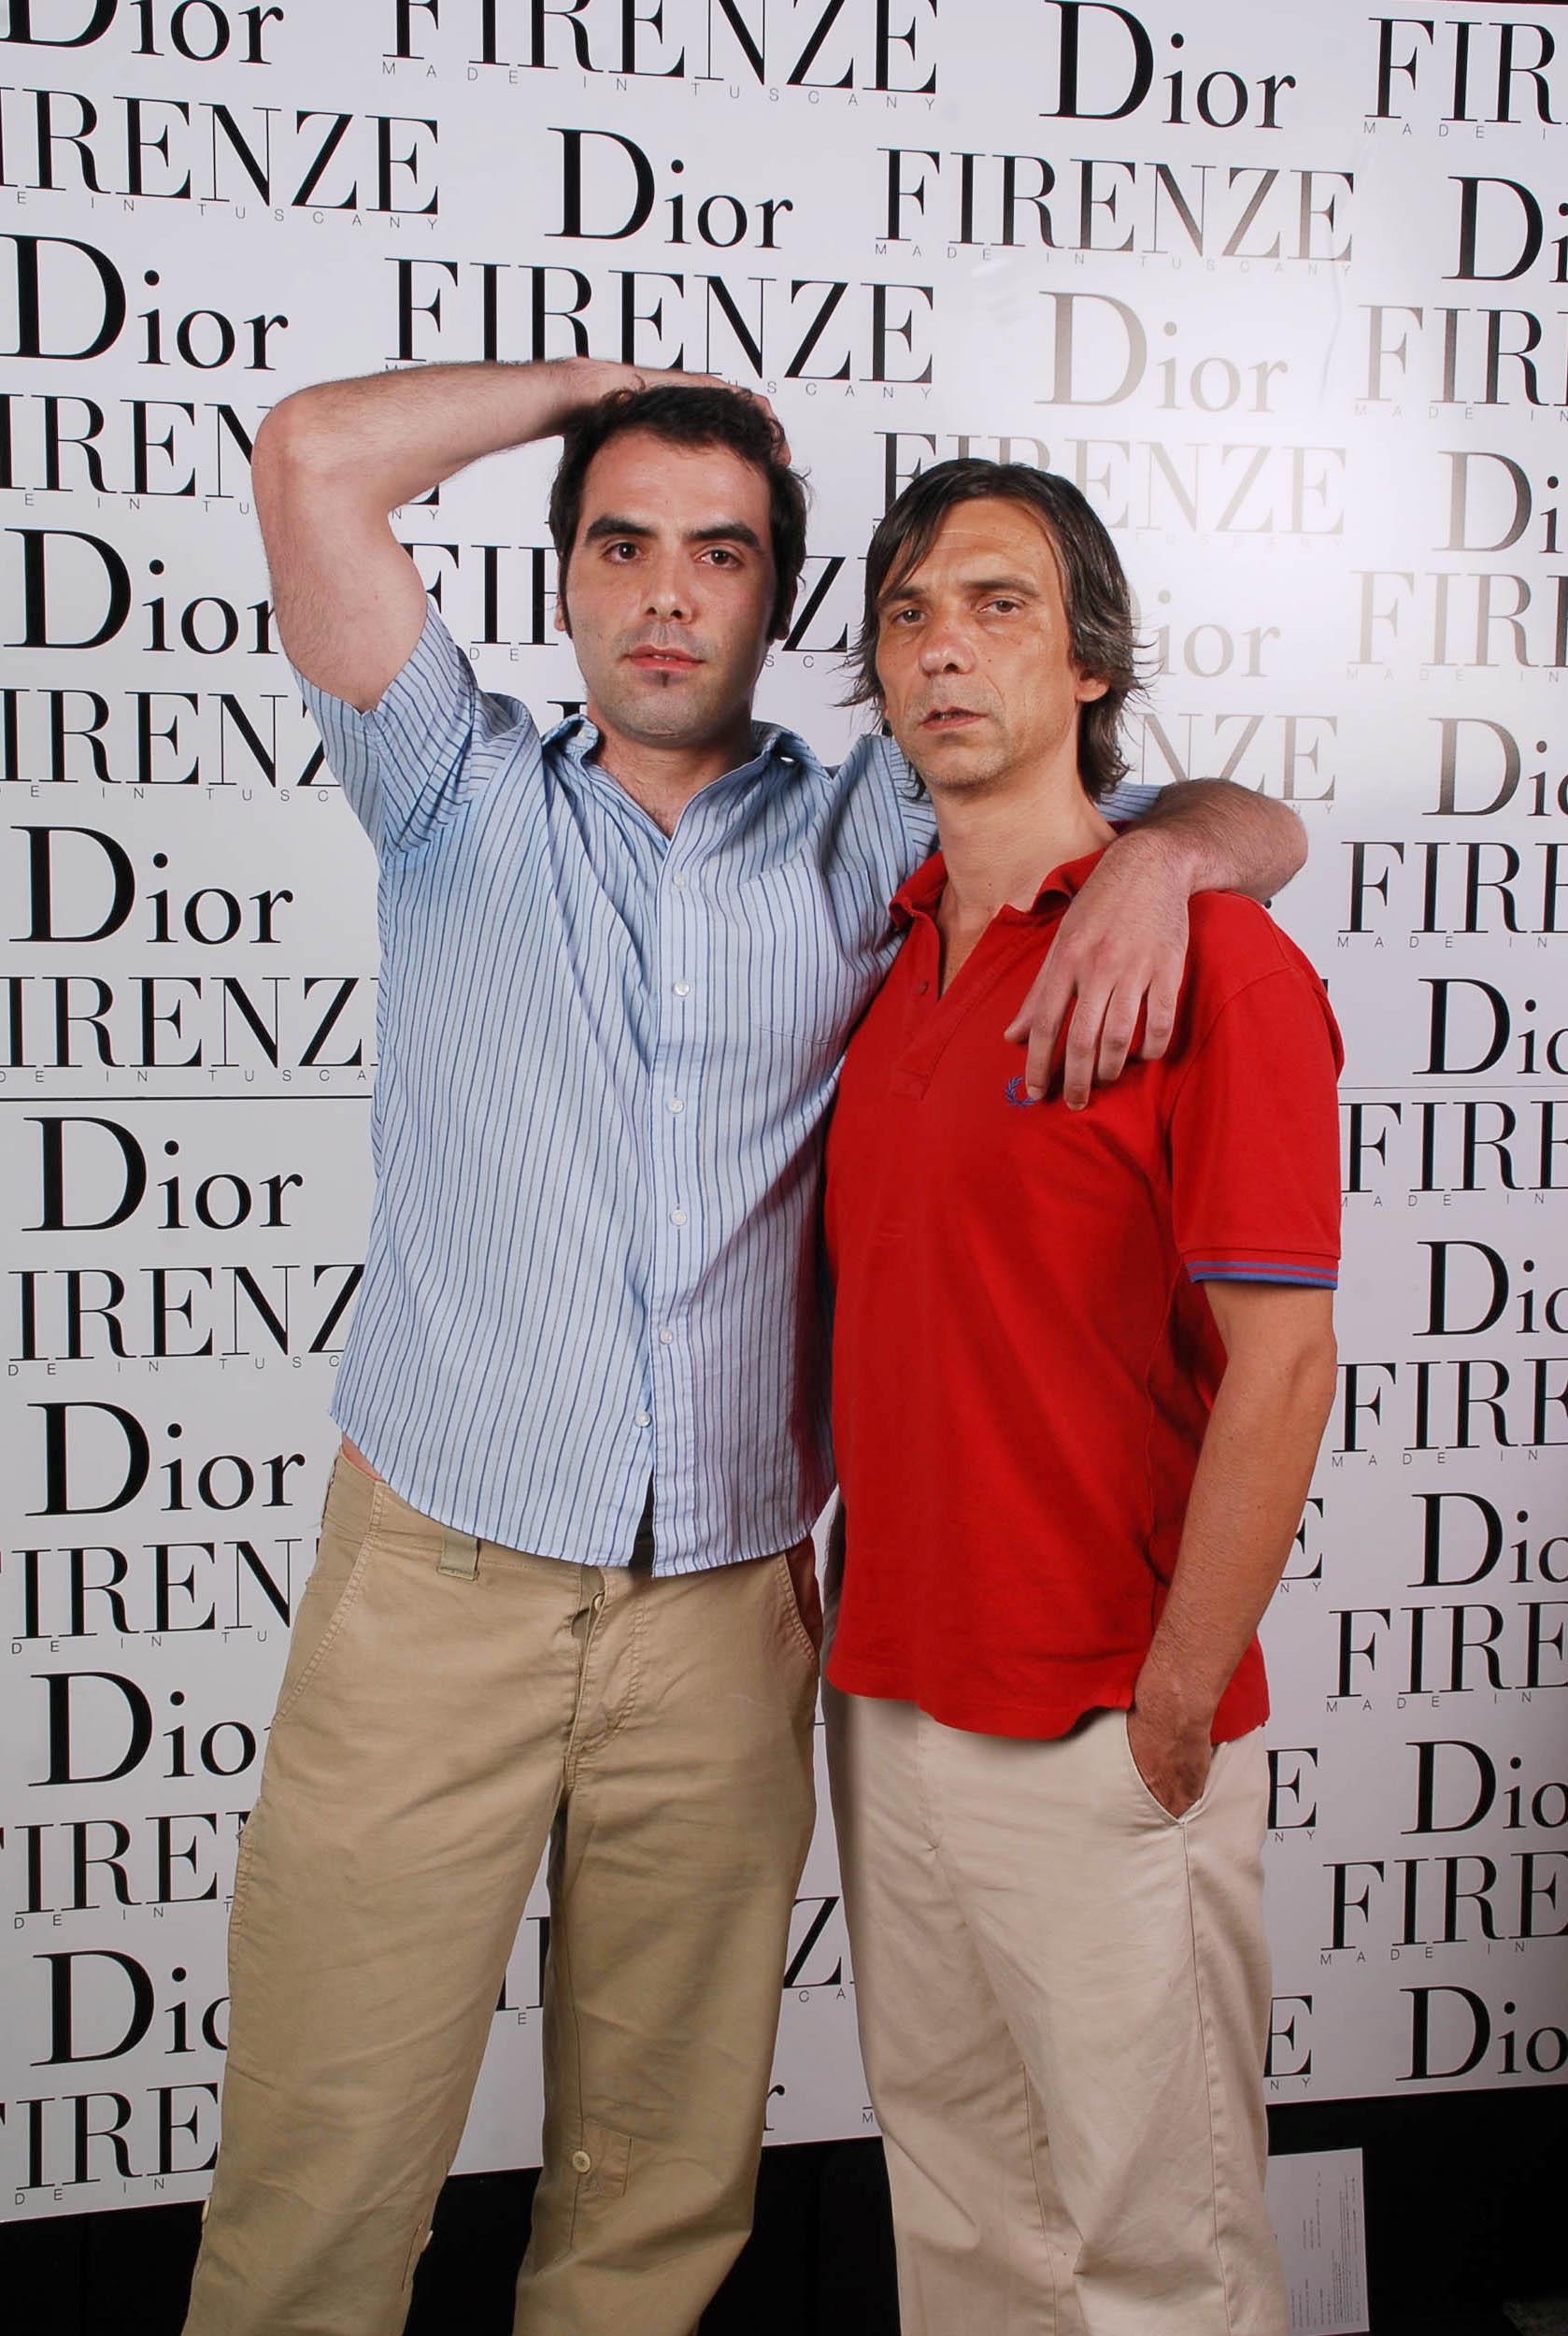 PRESSPHOTO  Firenze, evento Dior al teatro romano di Fiesole. Nella foto Francesco Terrani e Riccardo Hamrin